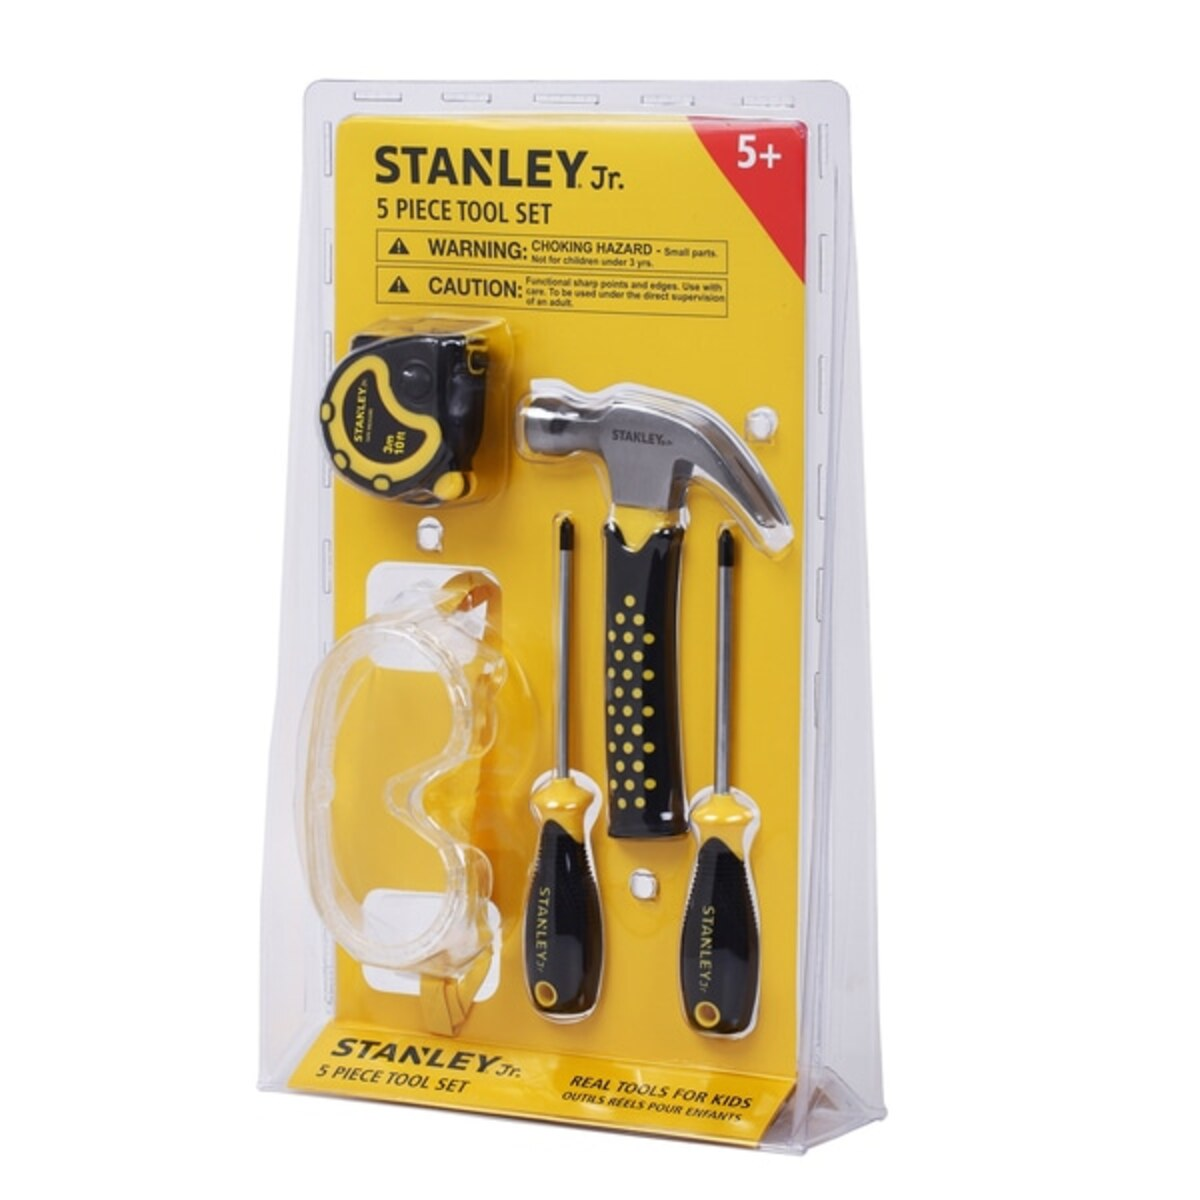 Bild 2 von Stanley Jr. 5-teiliges Werkzeug-Set